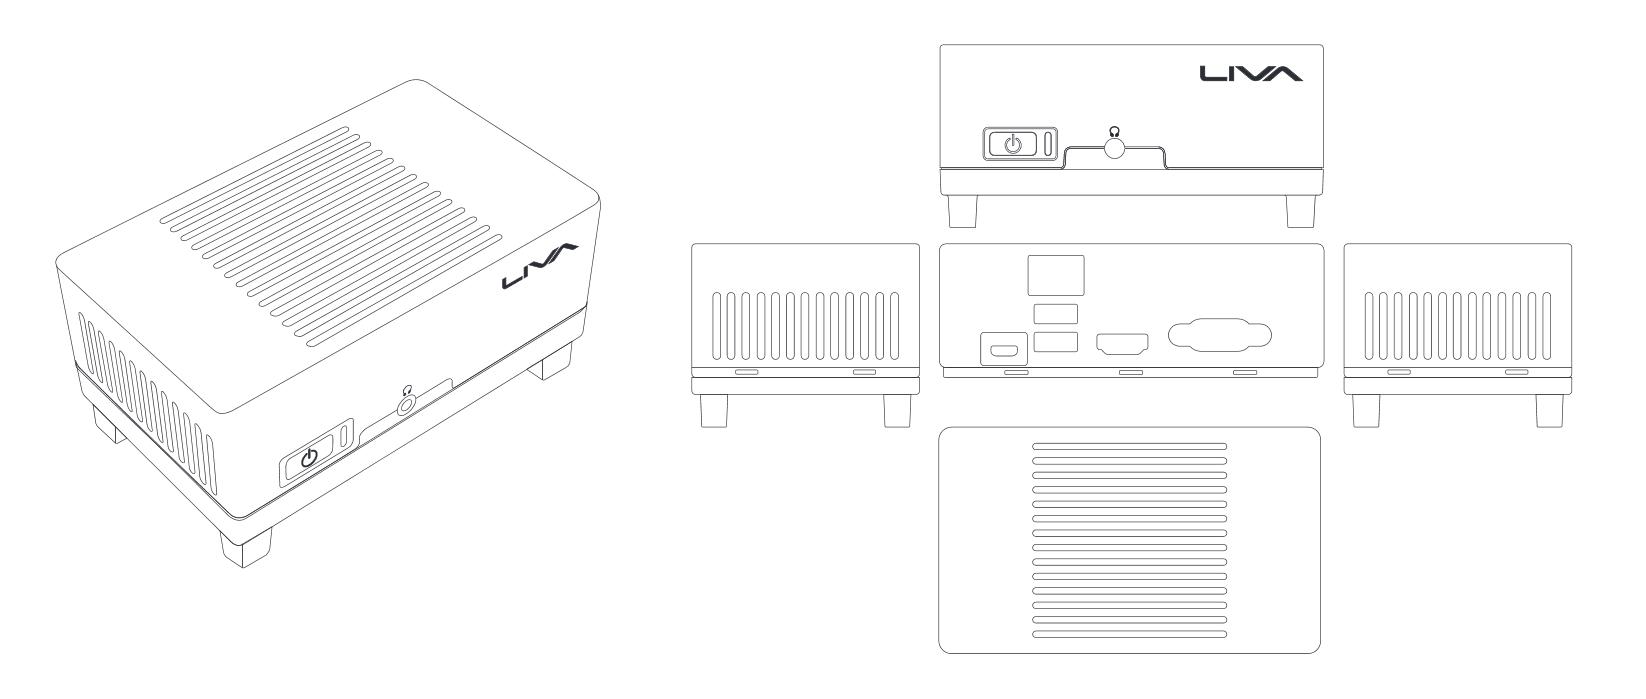 ecs-liva-design-spec.png